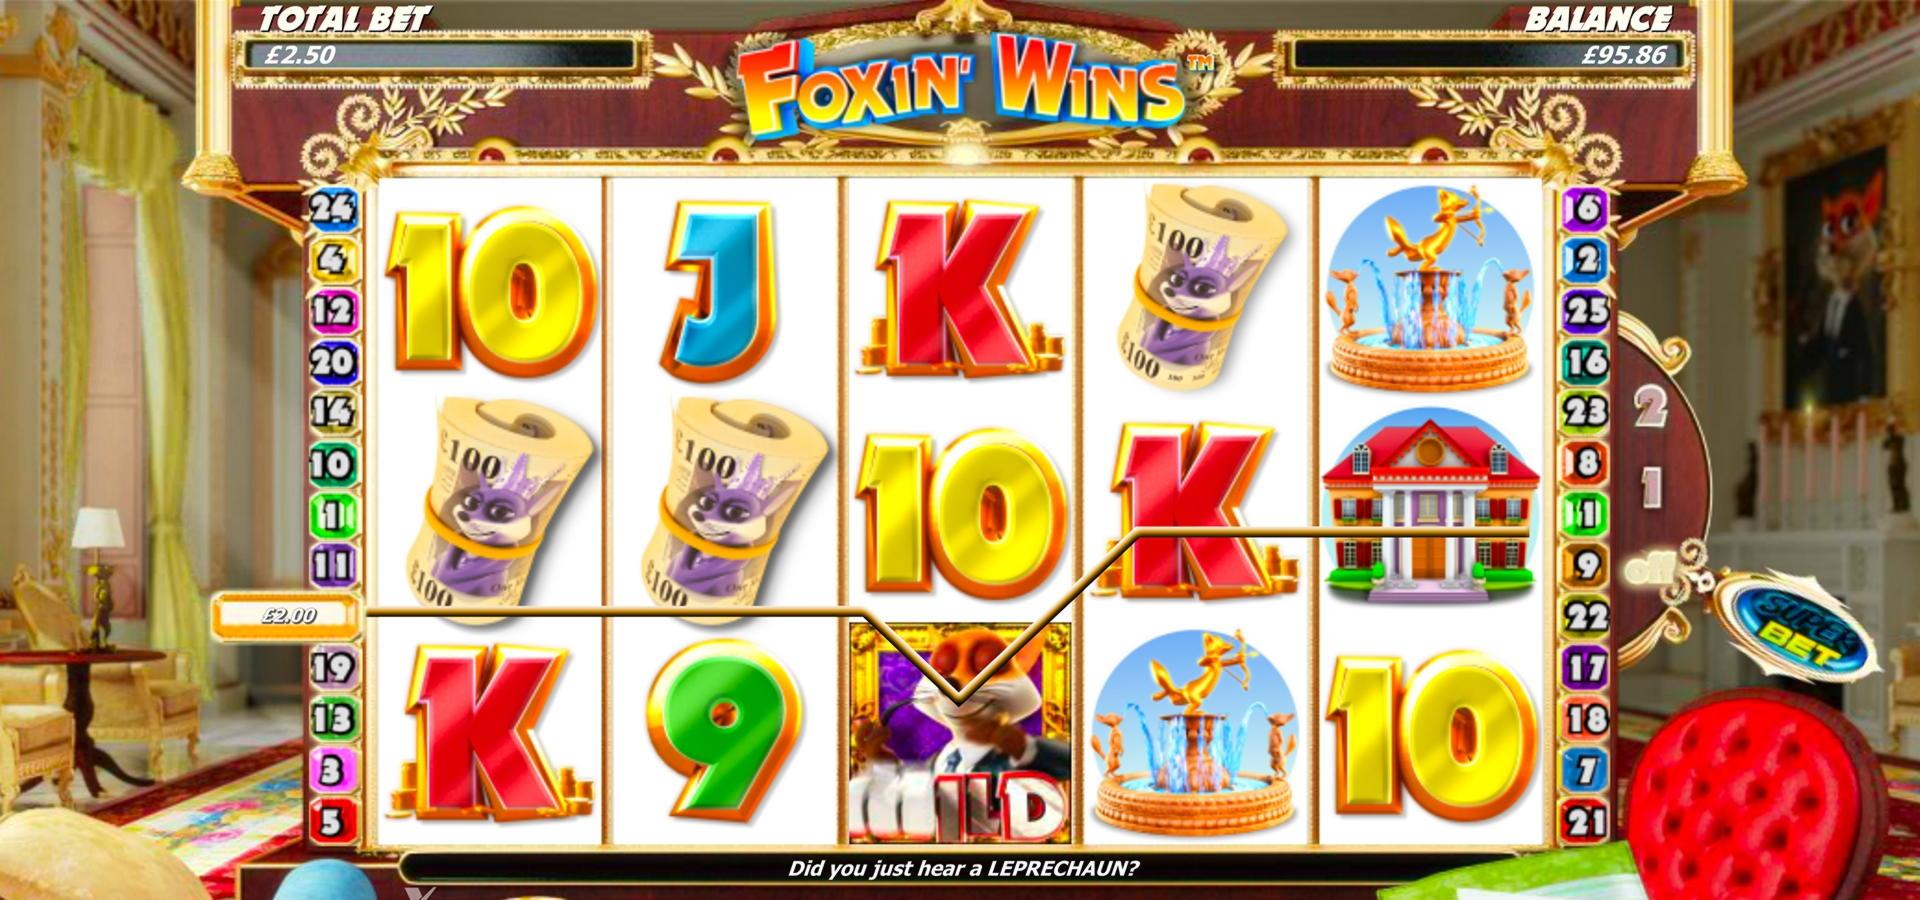 € 3035 Bonuscode ohne Einzahlung bei Casino.com